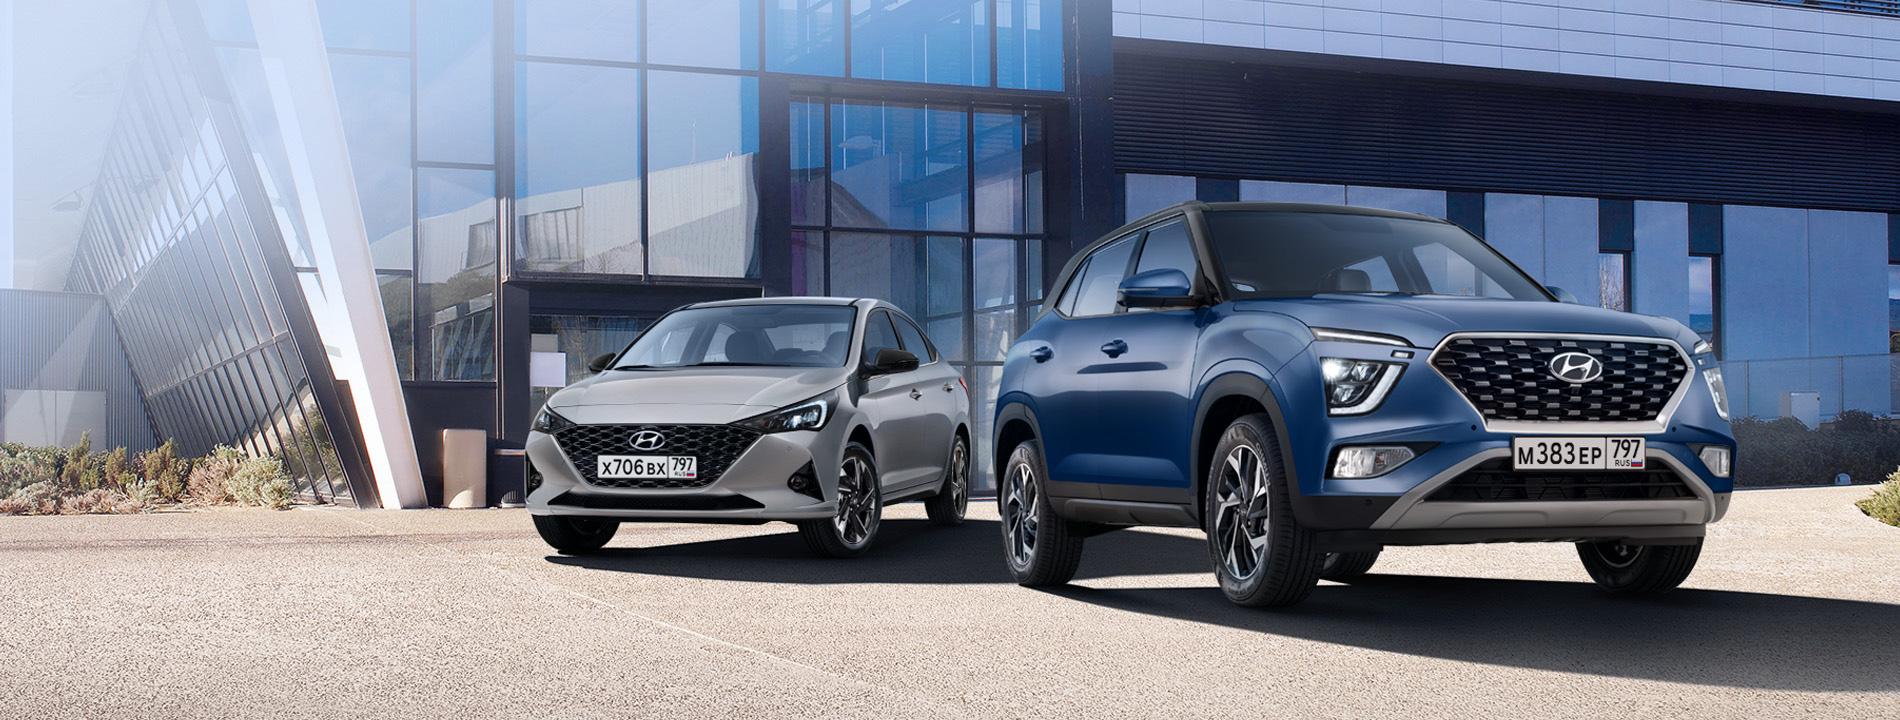 Компания Hyundai будет страховать по КАСКО с помощью телематических сервисов